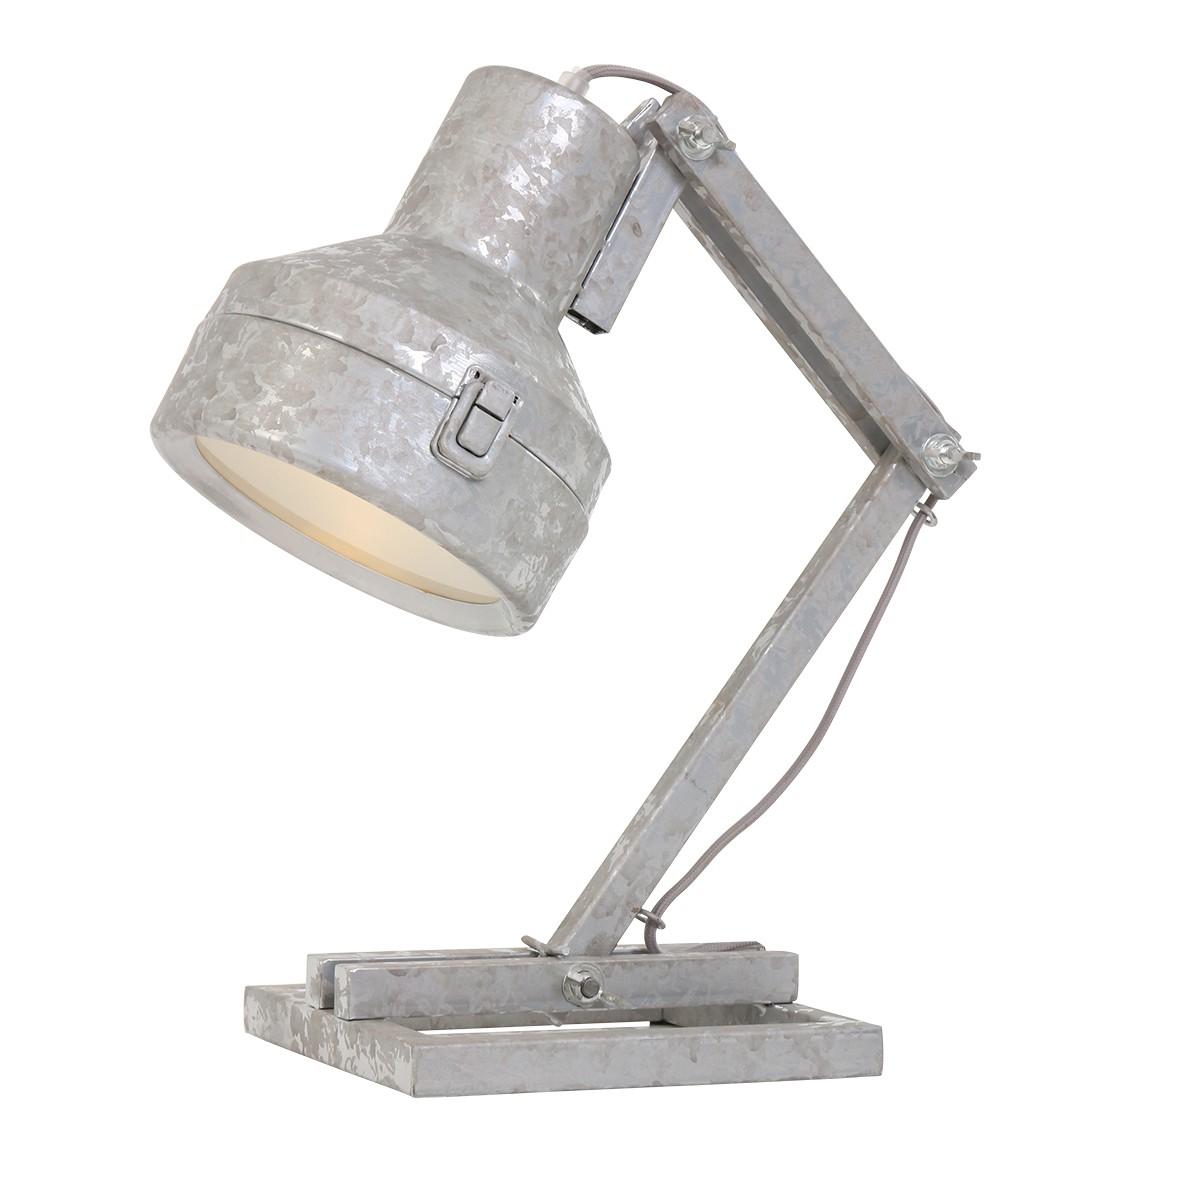 Tafellamp_bureaulamp_Studemaker_gegalvaniseerd_2__big_image